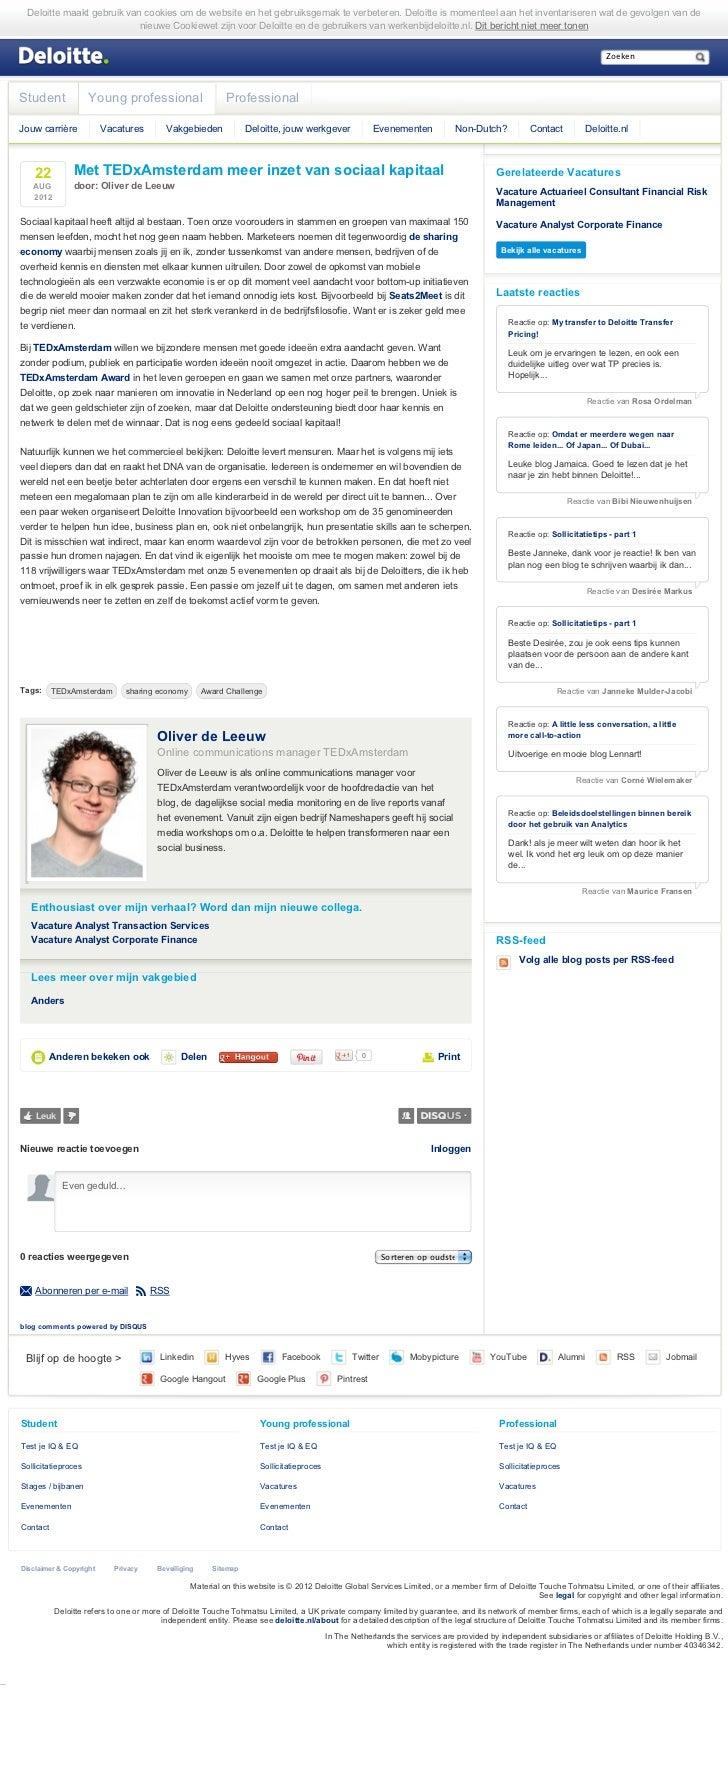 Deloitte maakt gebruik van cookies om de website en het gebruiksgemak te verbeteren. Deloitte is momenteel aan het inventa...